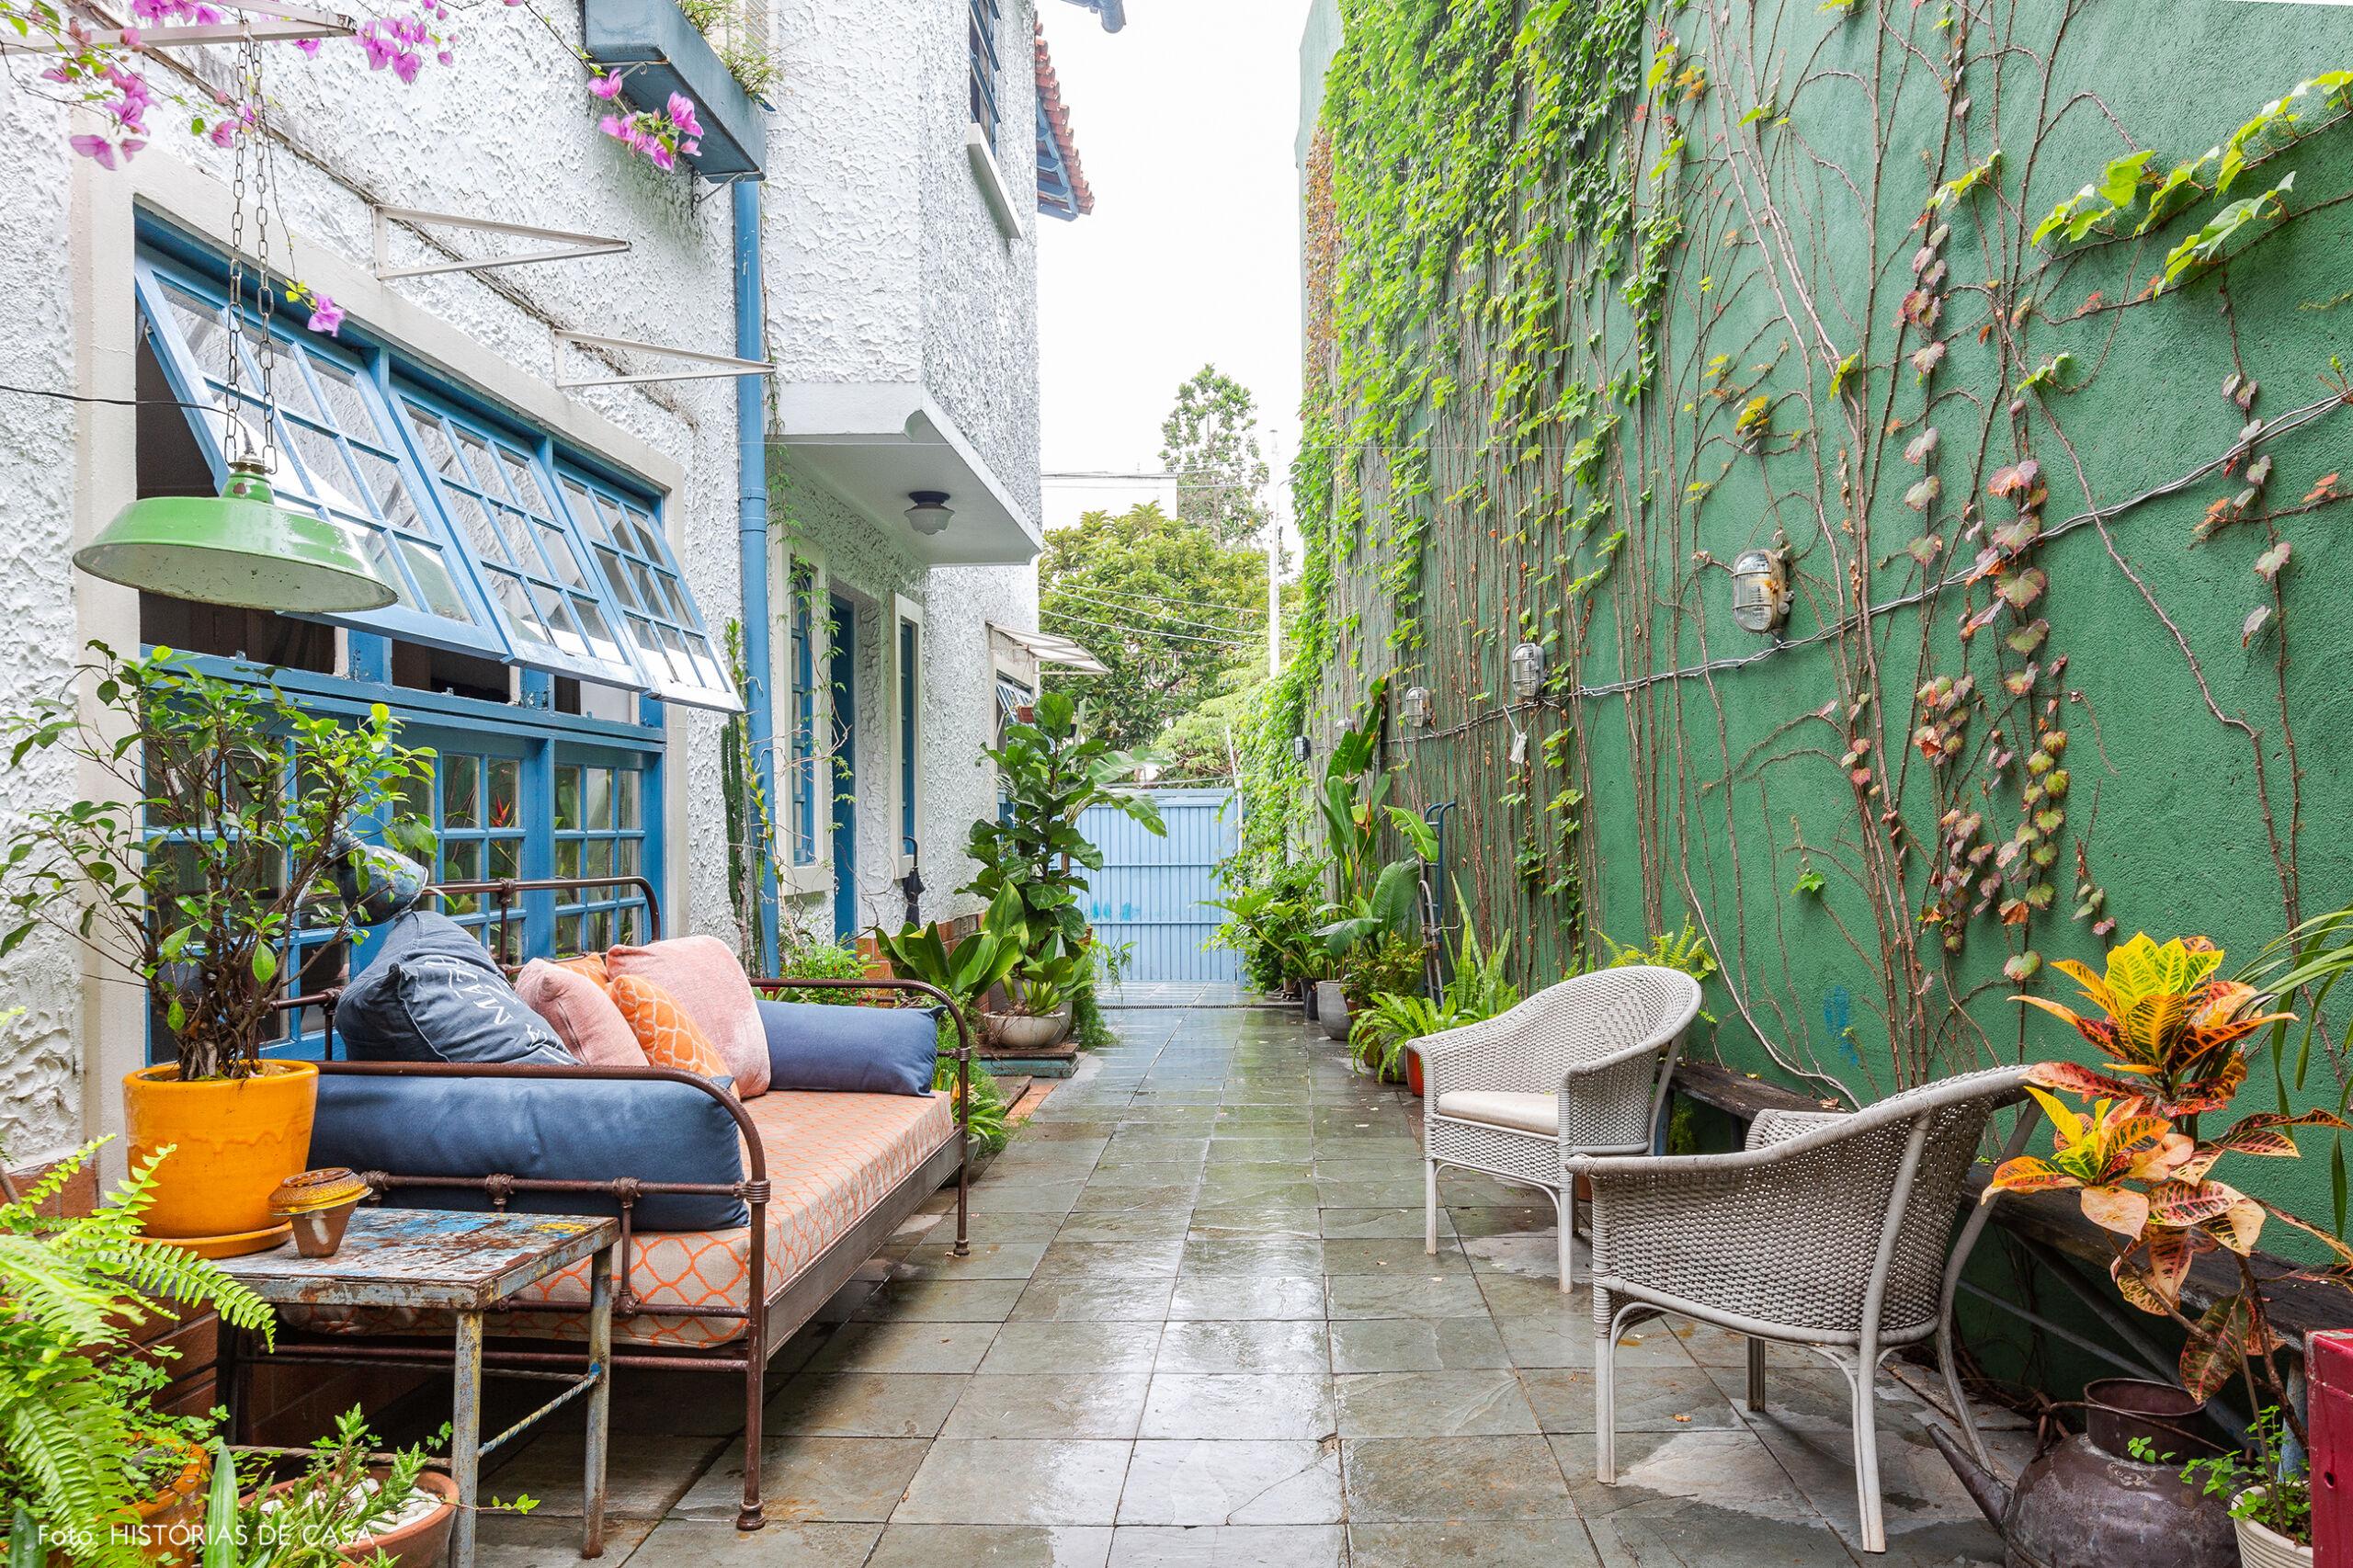 Casa com quintal e parede pintada de verde